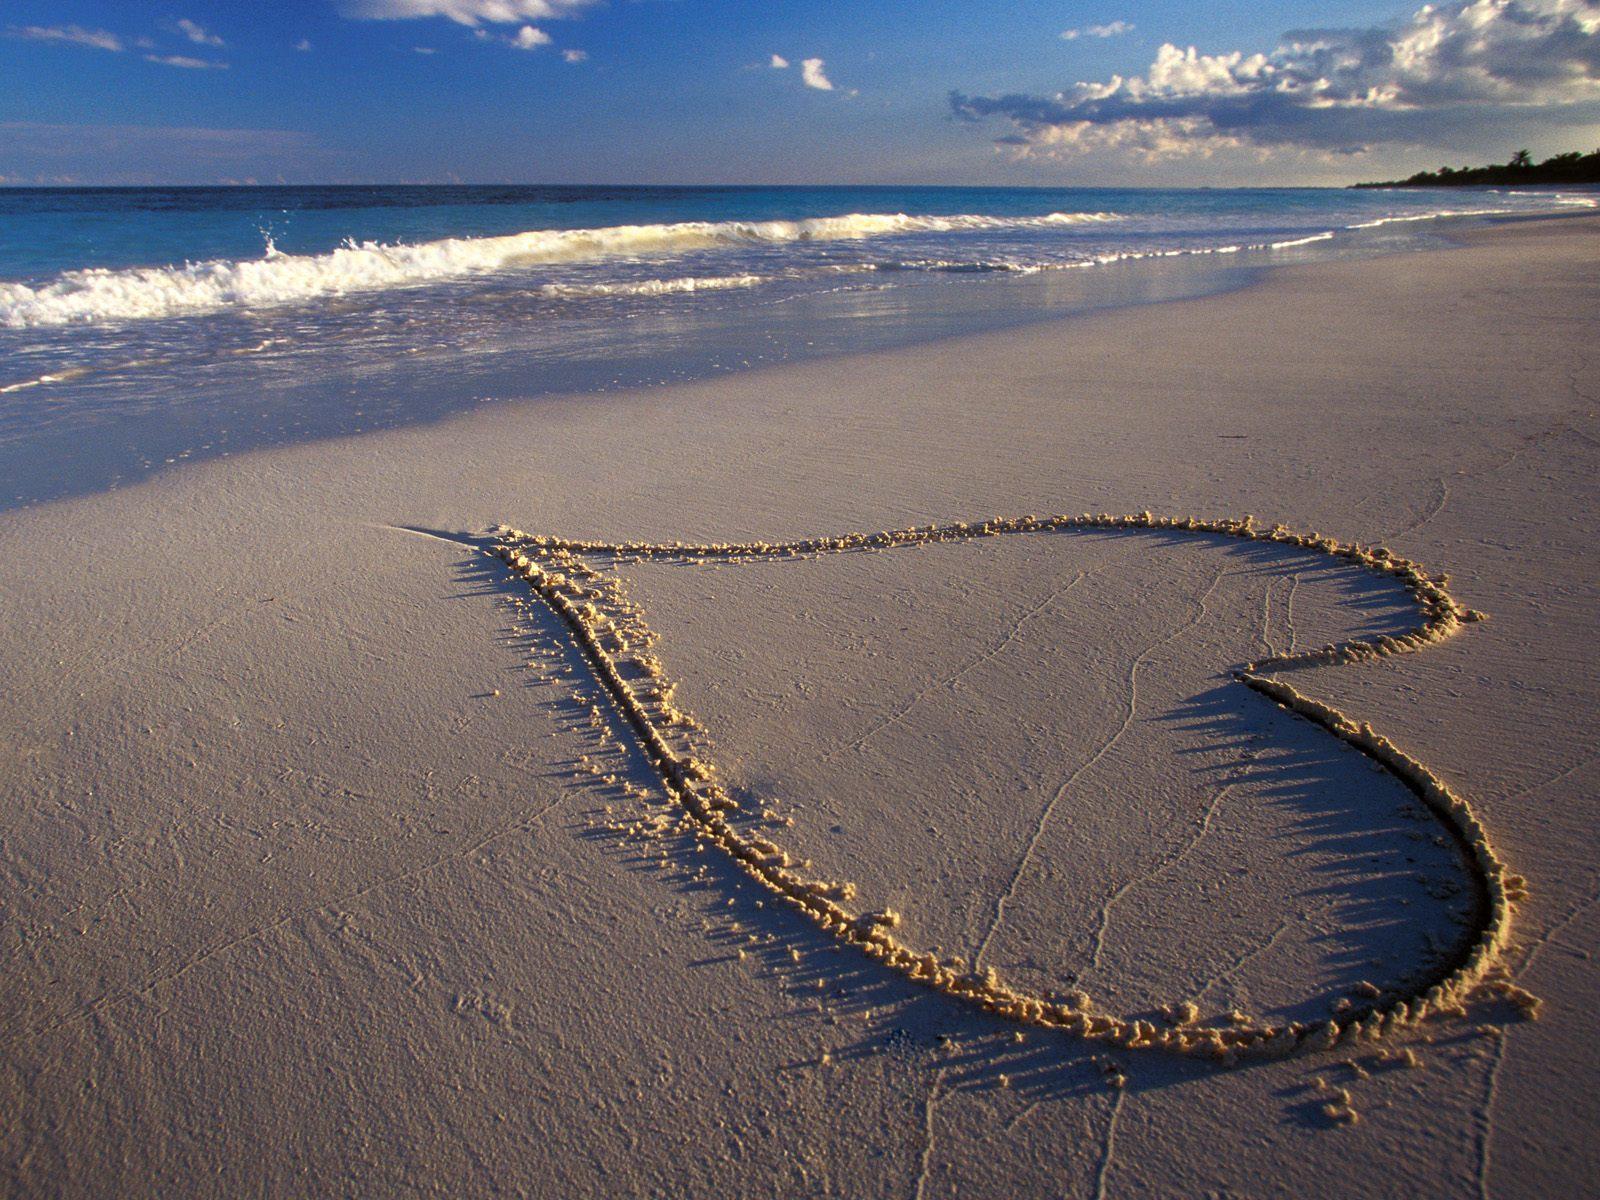 Hintergrundbilder Kostenlos Liebe